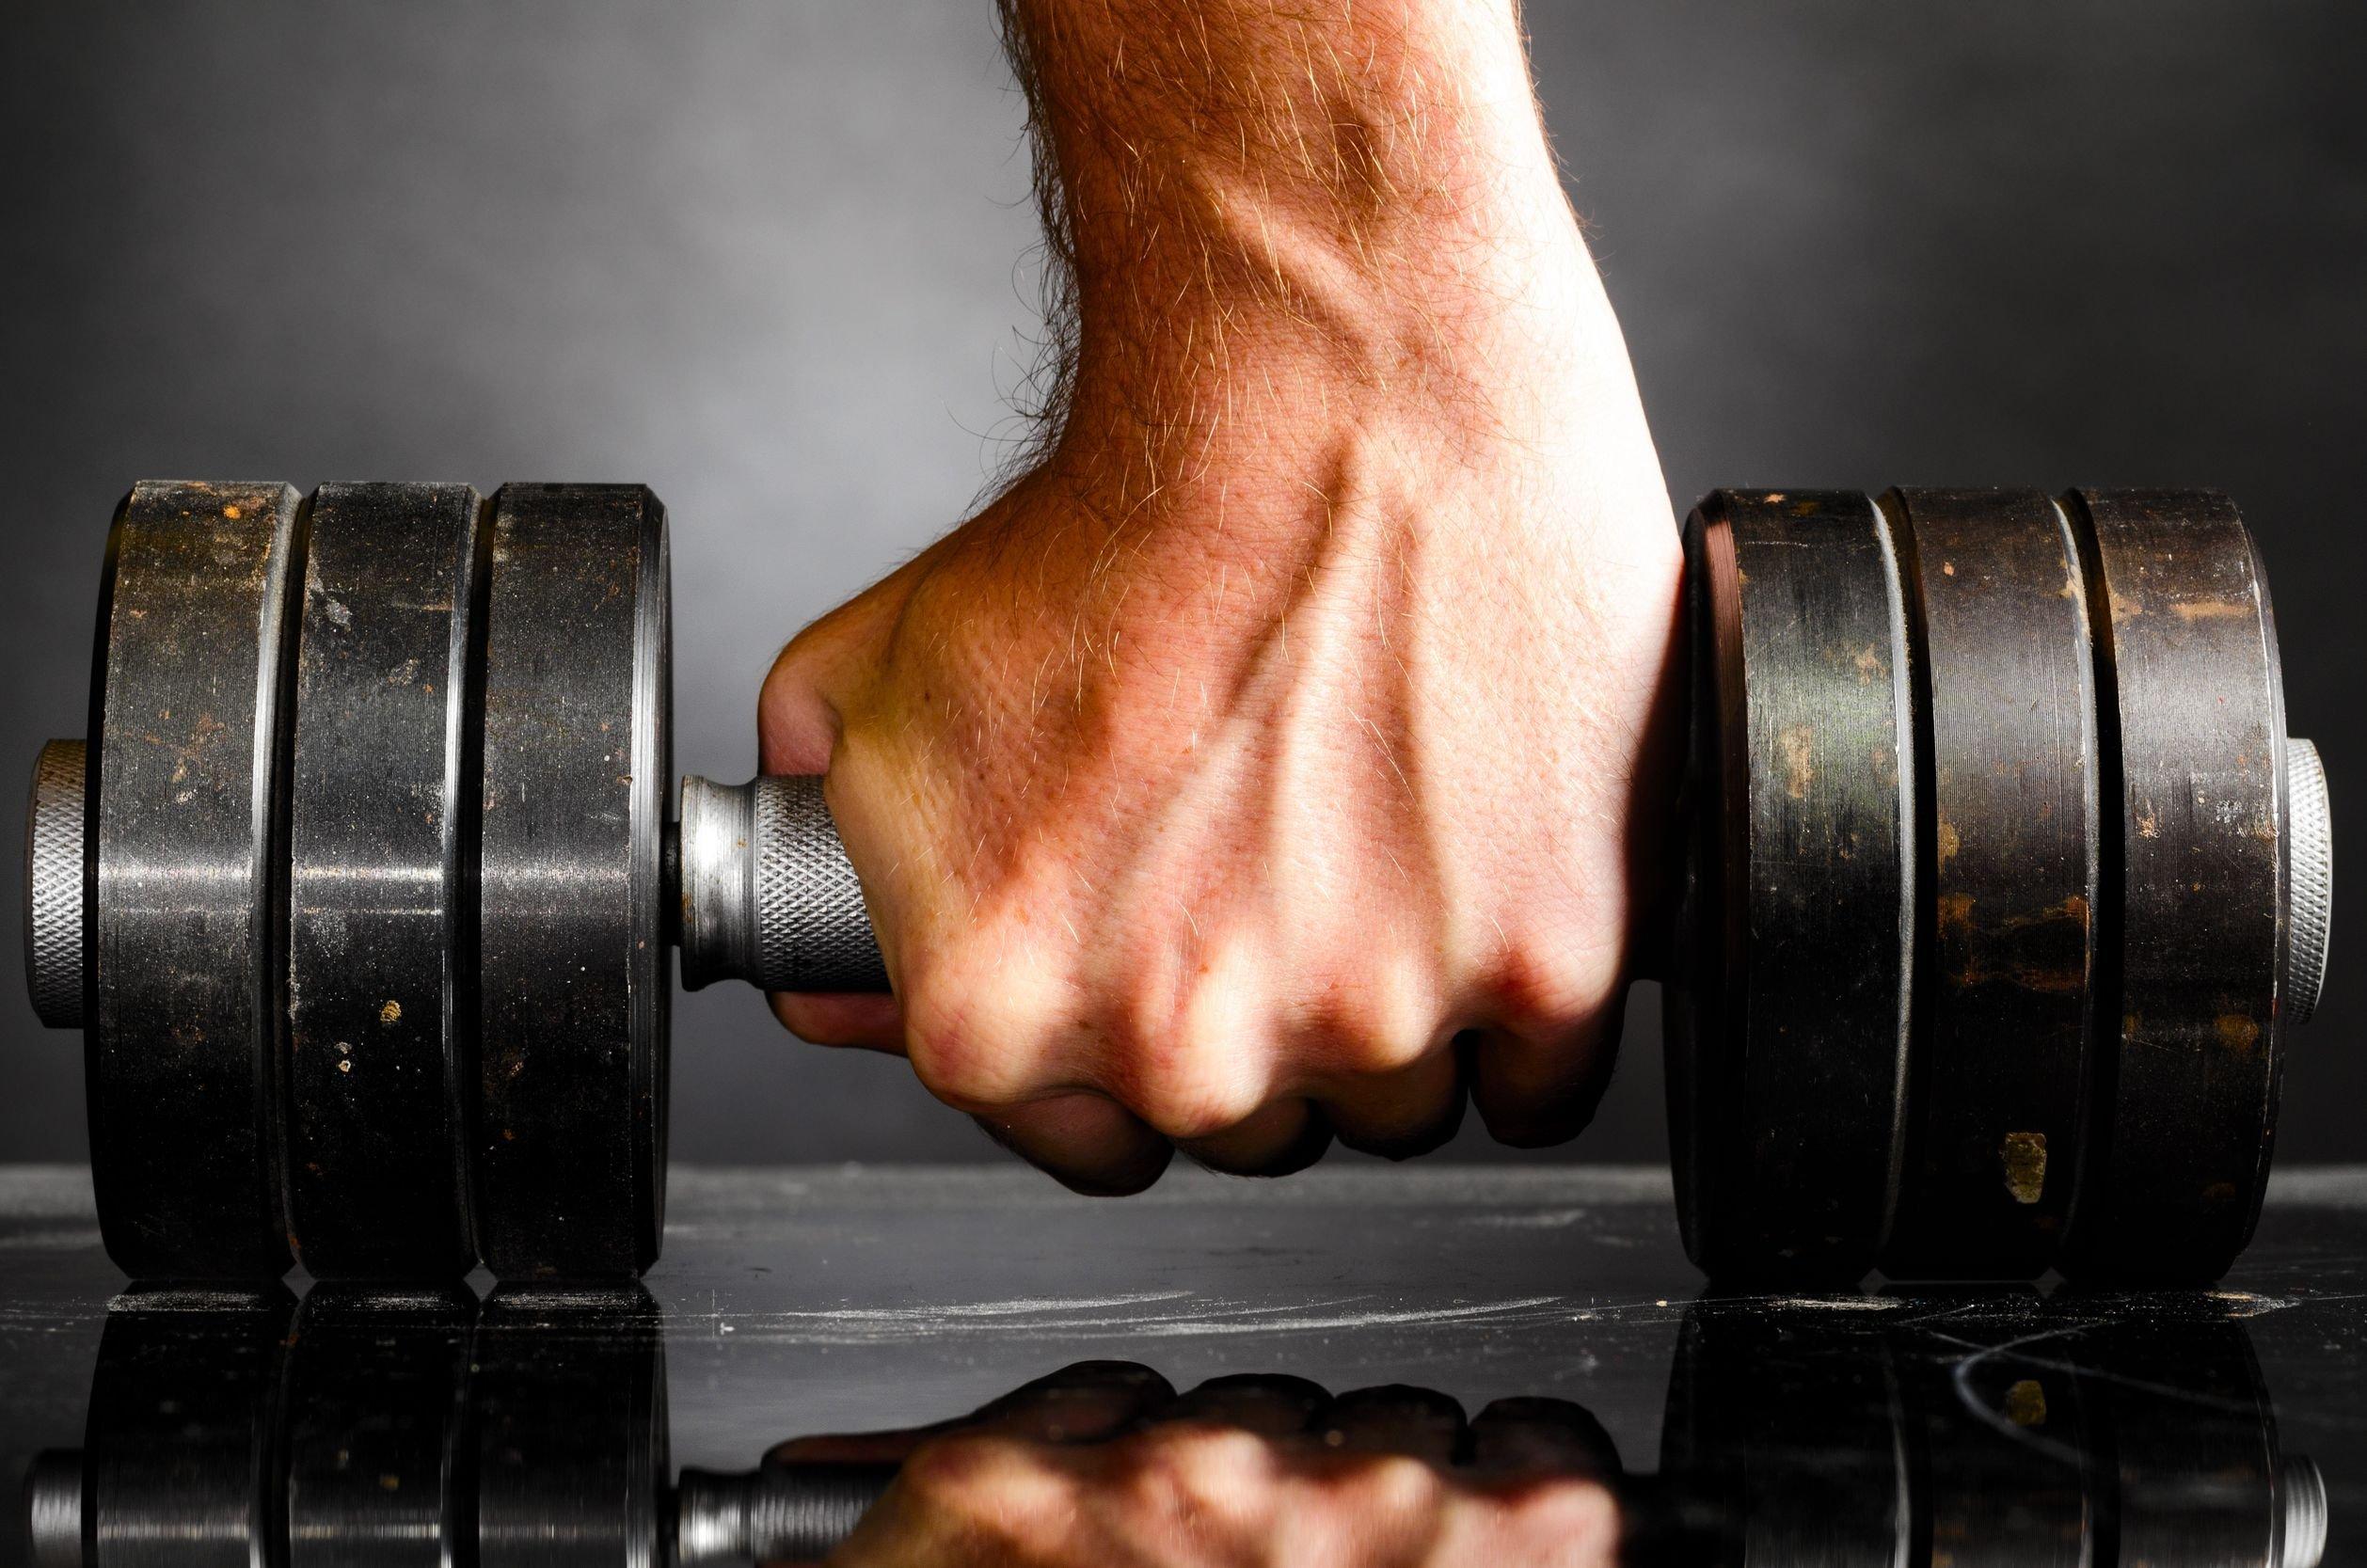 musculacao plano de saude.jpg?resize=1200,630 - Doze mitos sobre a musculação